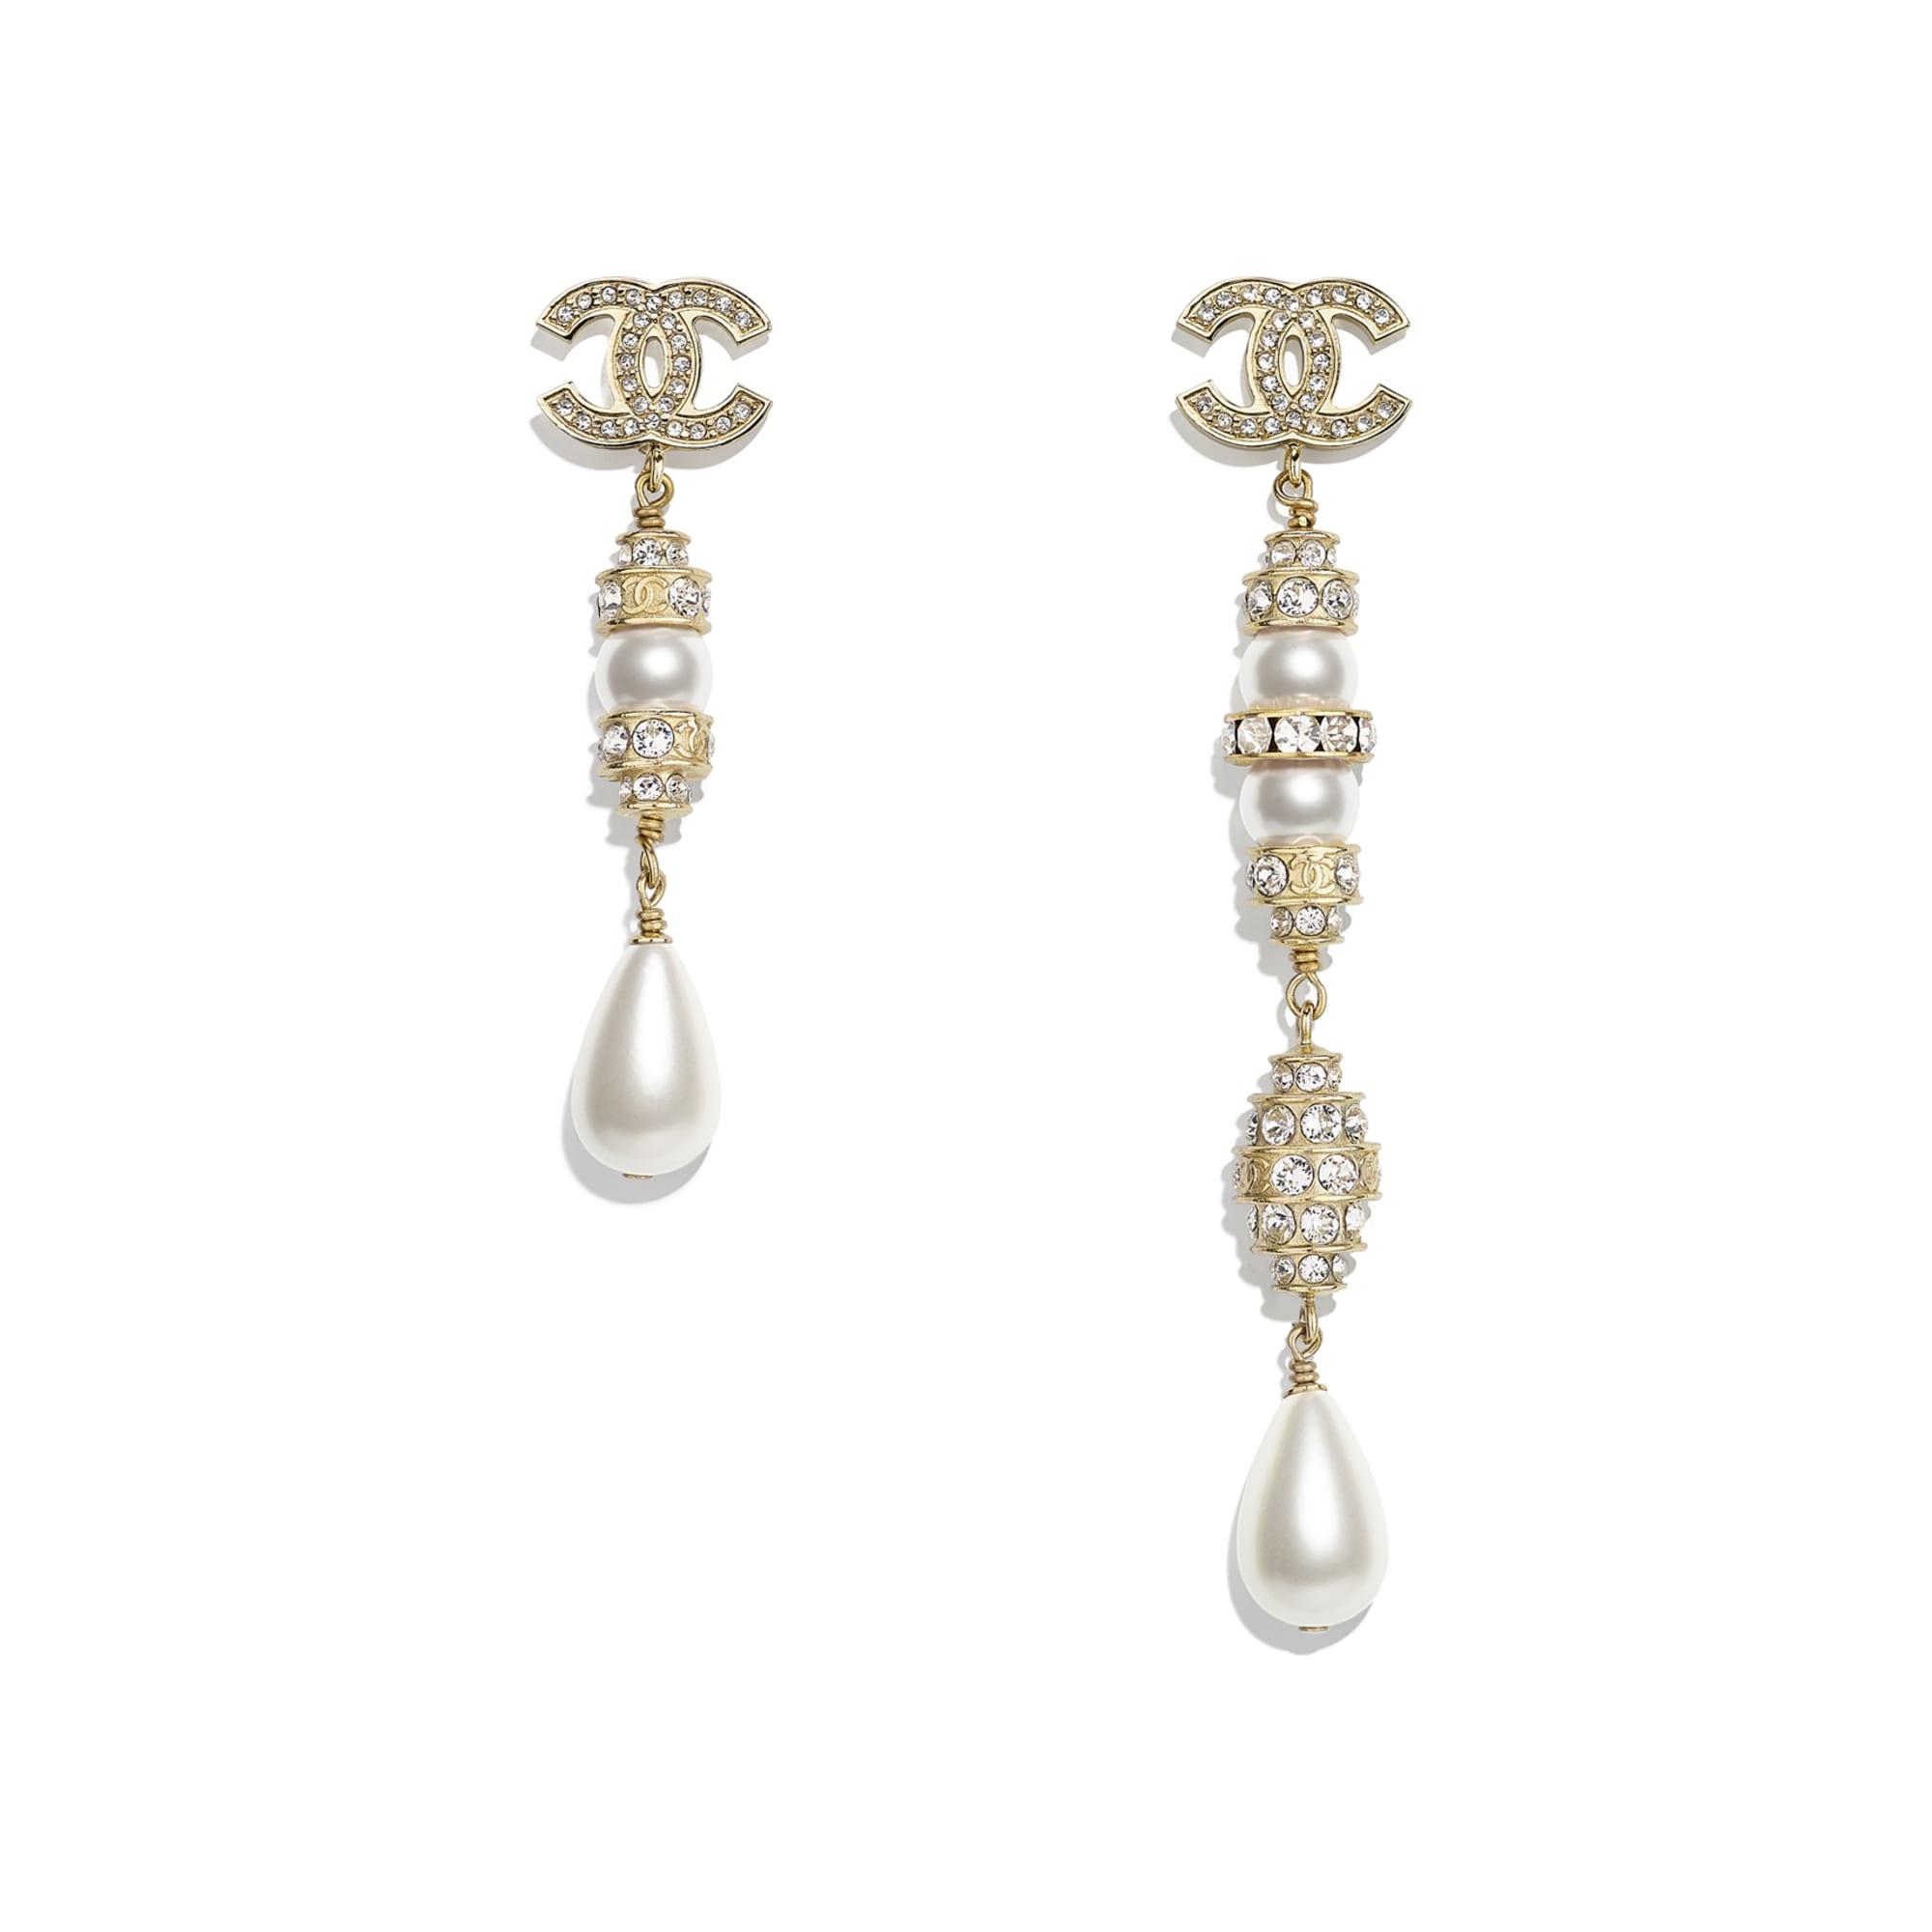 Kolczyki - Kolor złoty, perłowobiały i krystaliczny - Metal, szklane perły, sztuczne perły i stras - CHANEL - Widok domyślny – zobacz w standardowym rozmiarze